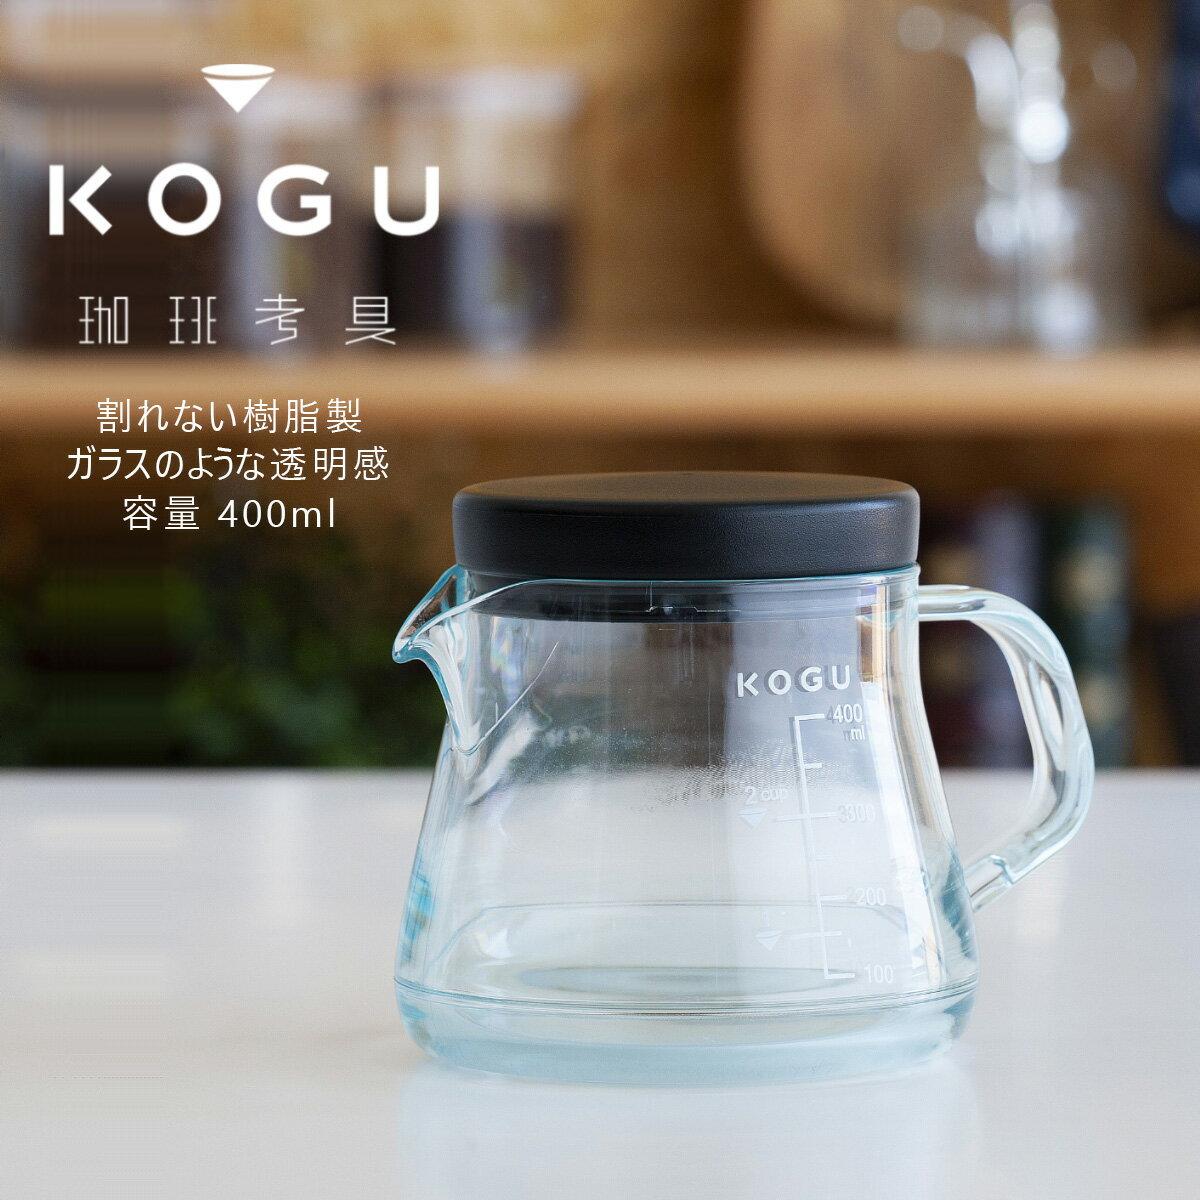 珈琲考具割れにくいサーバー400ml日本製耐久性ドリップサーバーコーヒーサーバー割れない軽いキャンプアウトドア軽量コーヒー電子レンジバリスタカフェ下村企販KOGUcoffee国産フタ付液だれしない